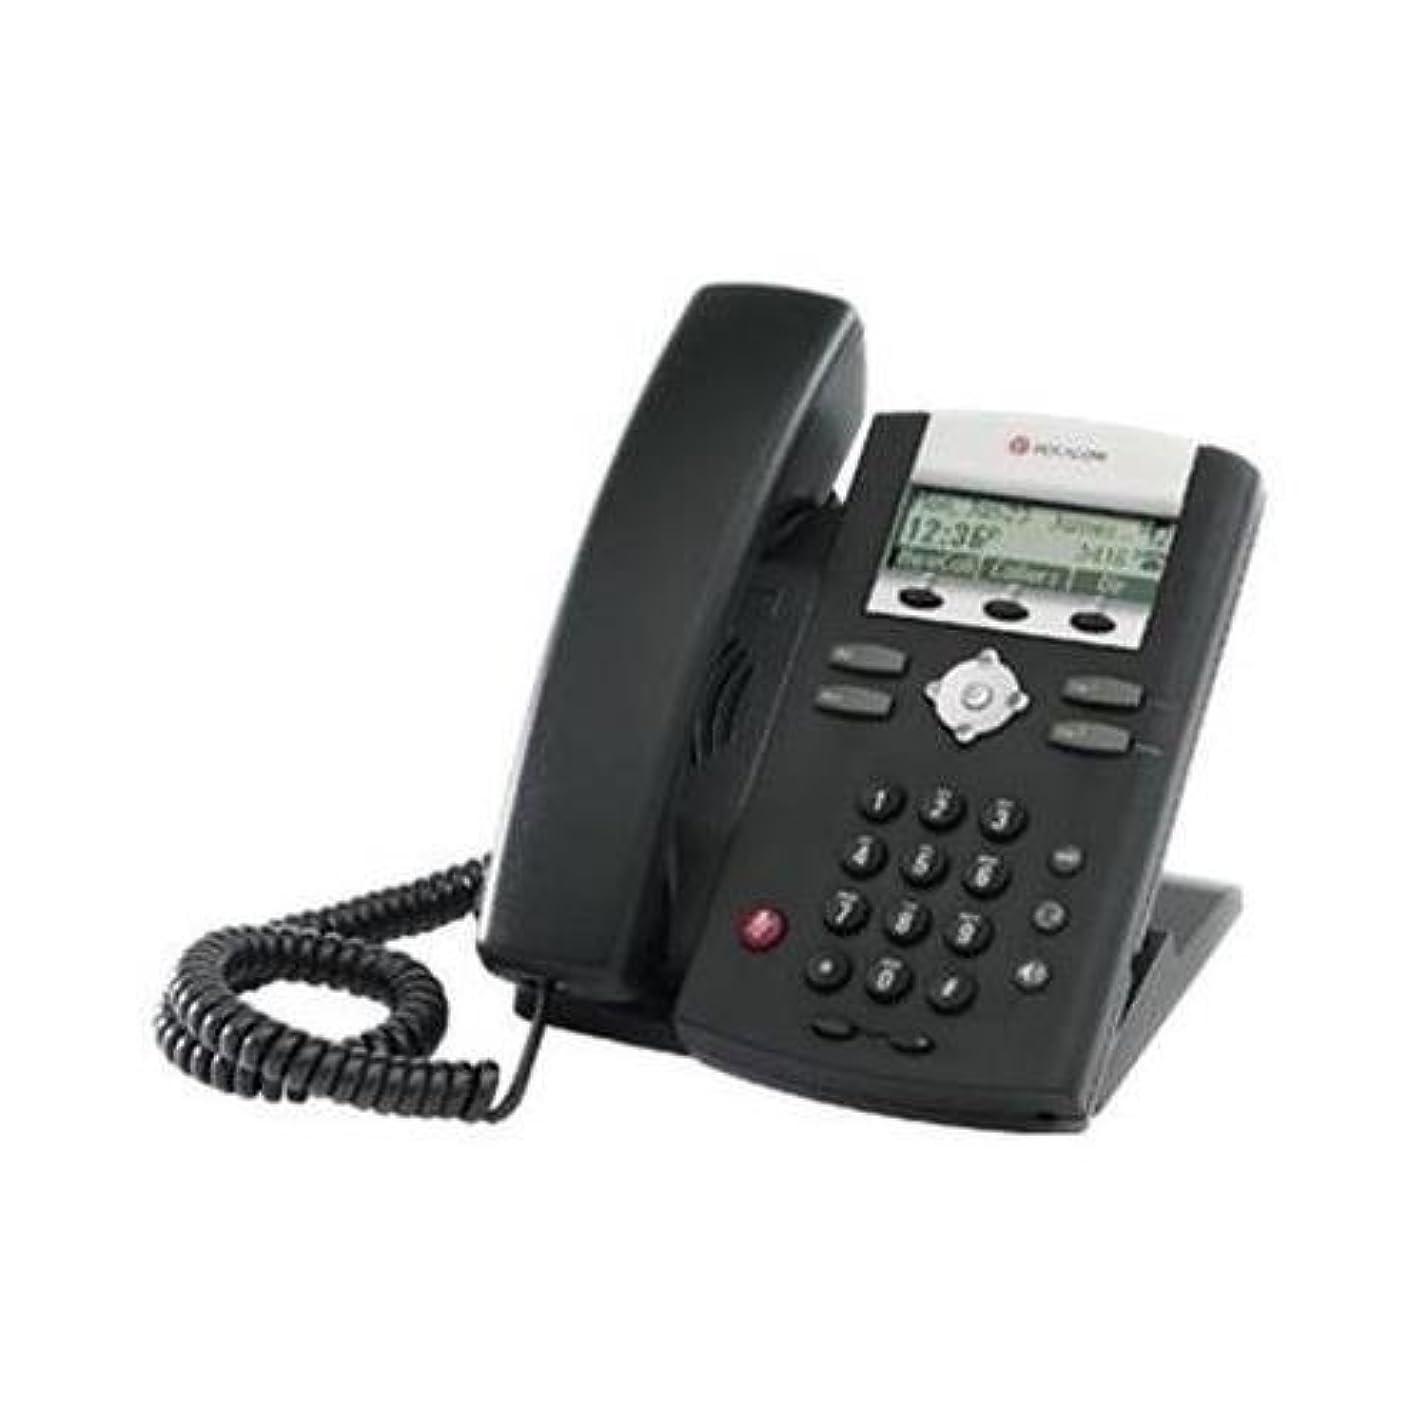 連続的研究所コンパクトPolycom PY-2200-12360-001 SoundPoint IP 321 with Power Supply - polycom PY-2200-12360-001 [並行輸入品]